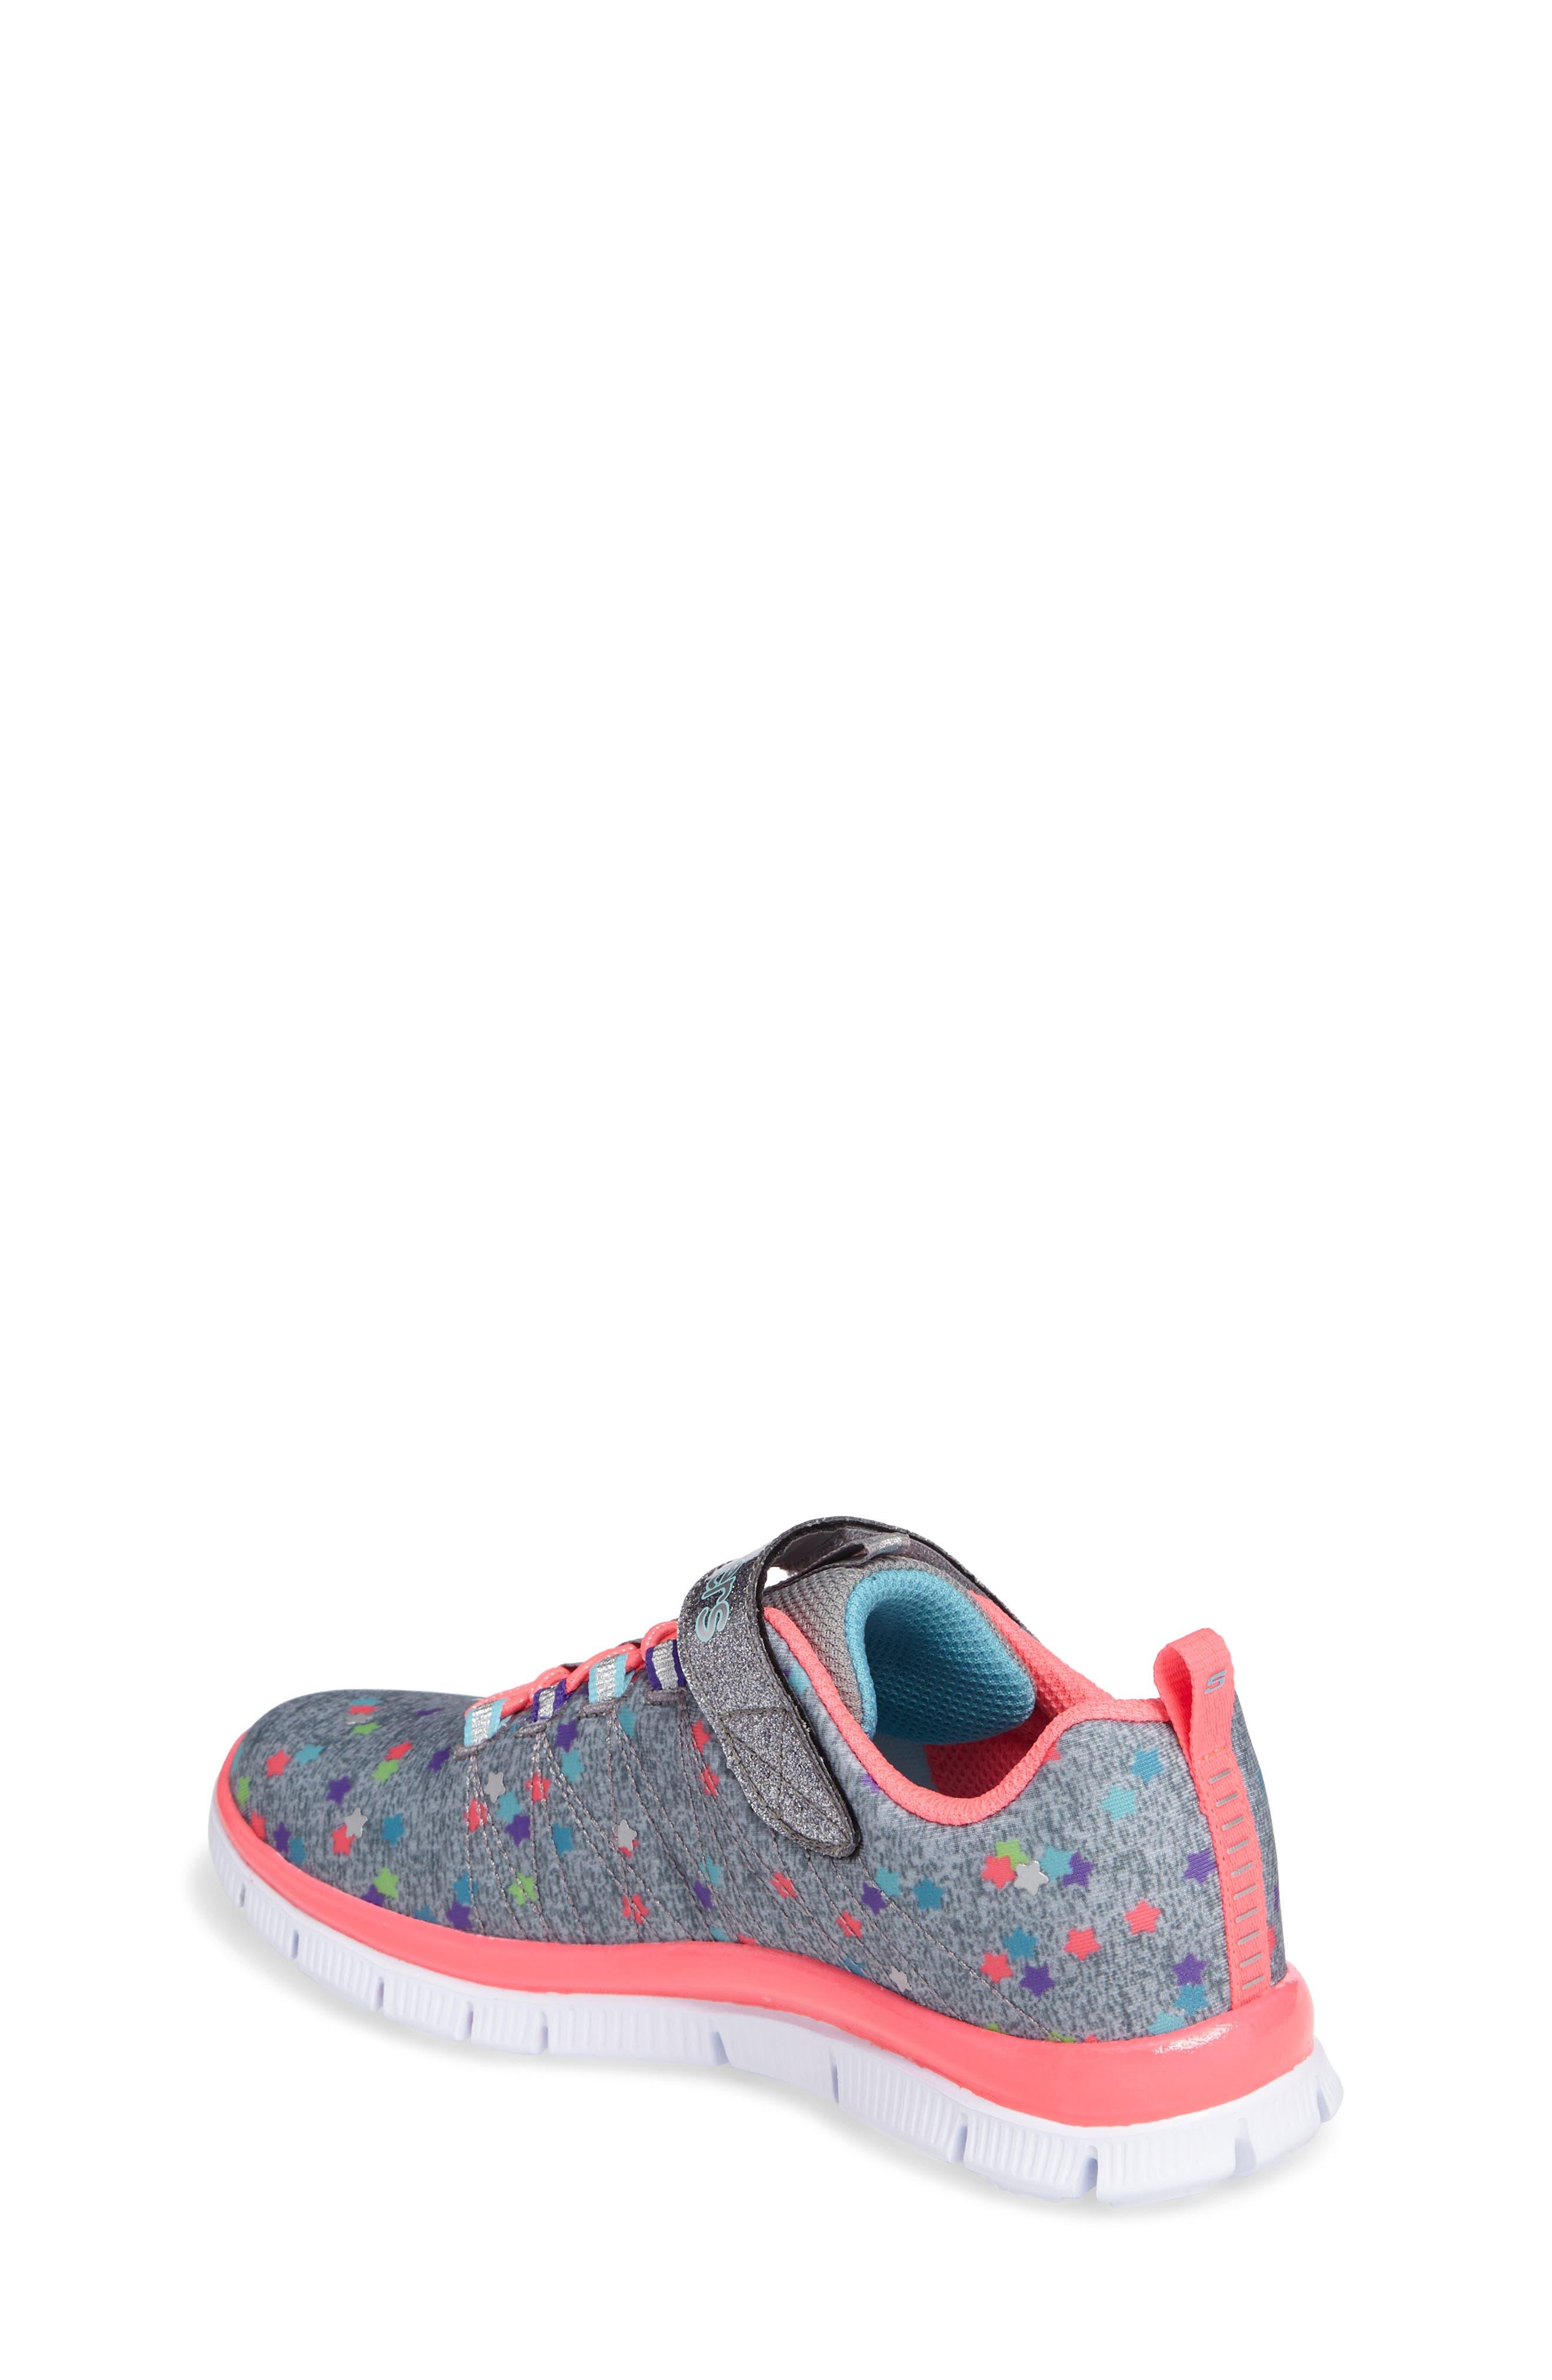 Skech Appeal Star Spirit Sneaker,                             Alternate thumbnail 2, color,                             020